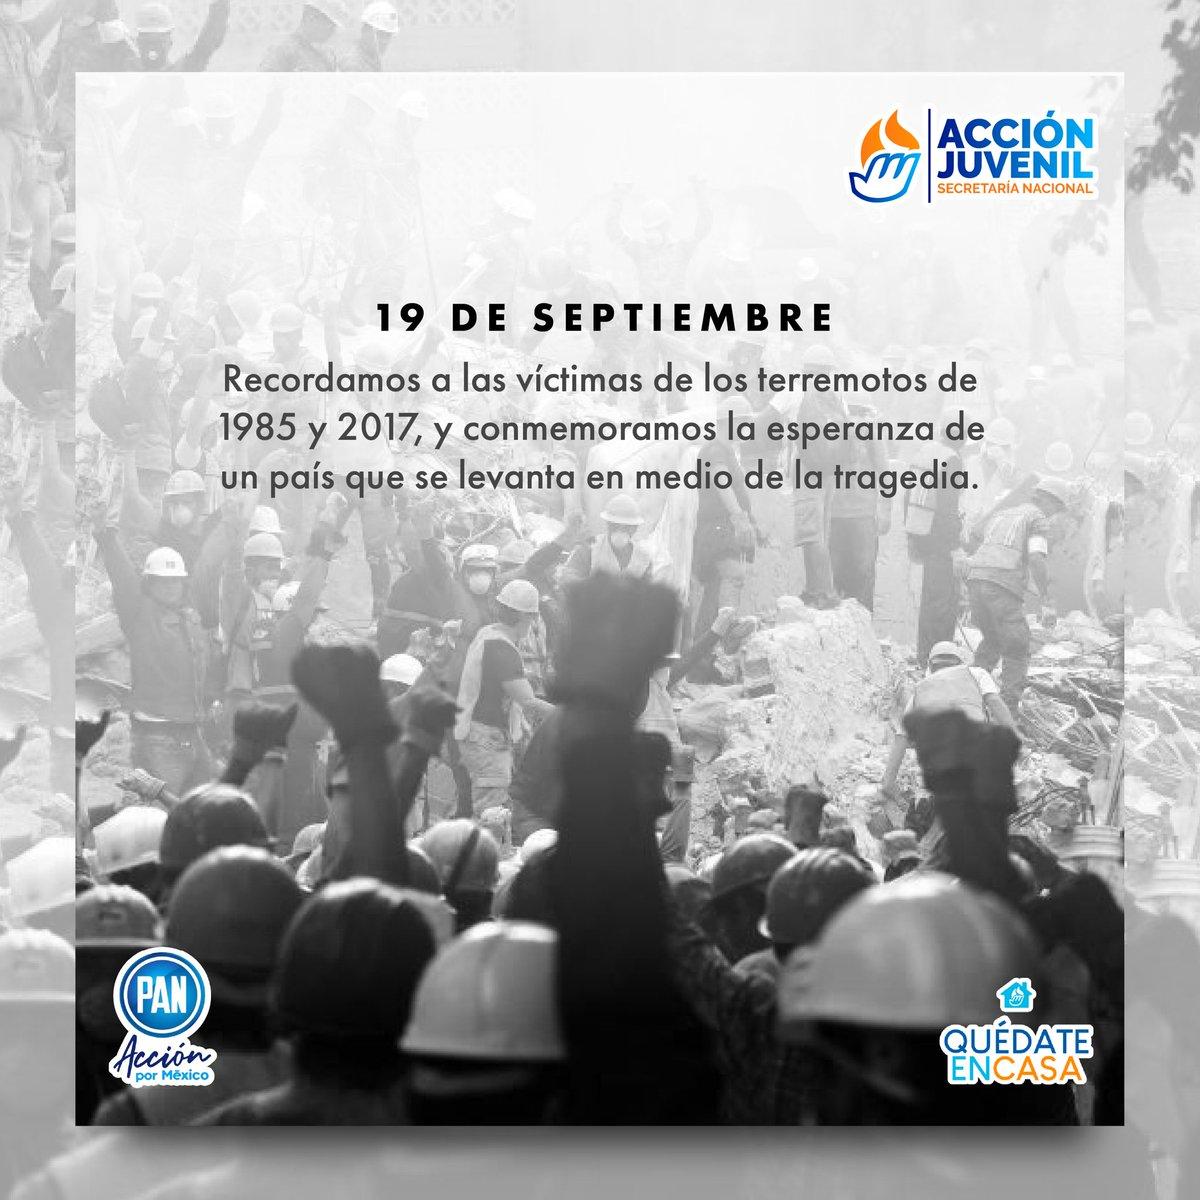 Hoy recordamos 2 trágicos sucesos en la historia de nuestro país, pero estos momentos han demostrado lo unidos que podemos ser los mexicanos para salir adelante.  #Sismo19S https://t.co/LojsoaqEIC